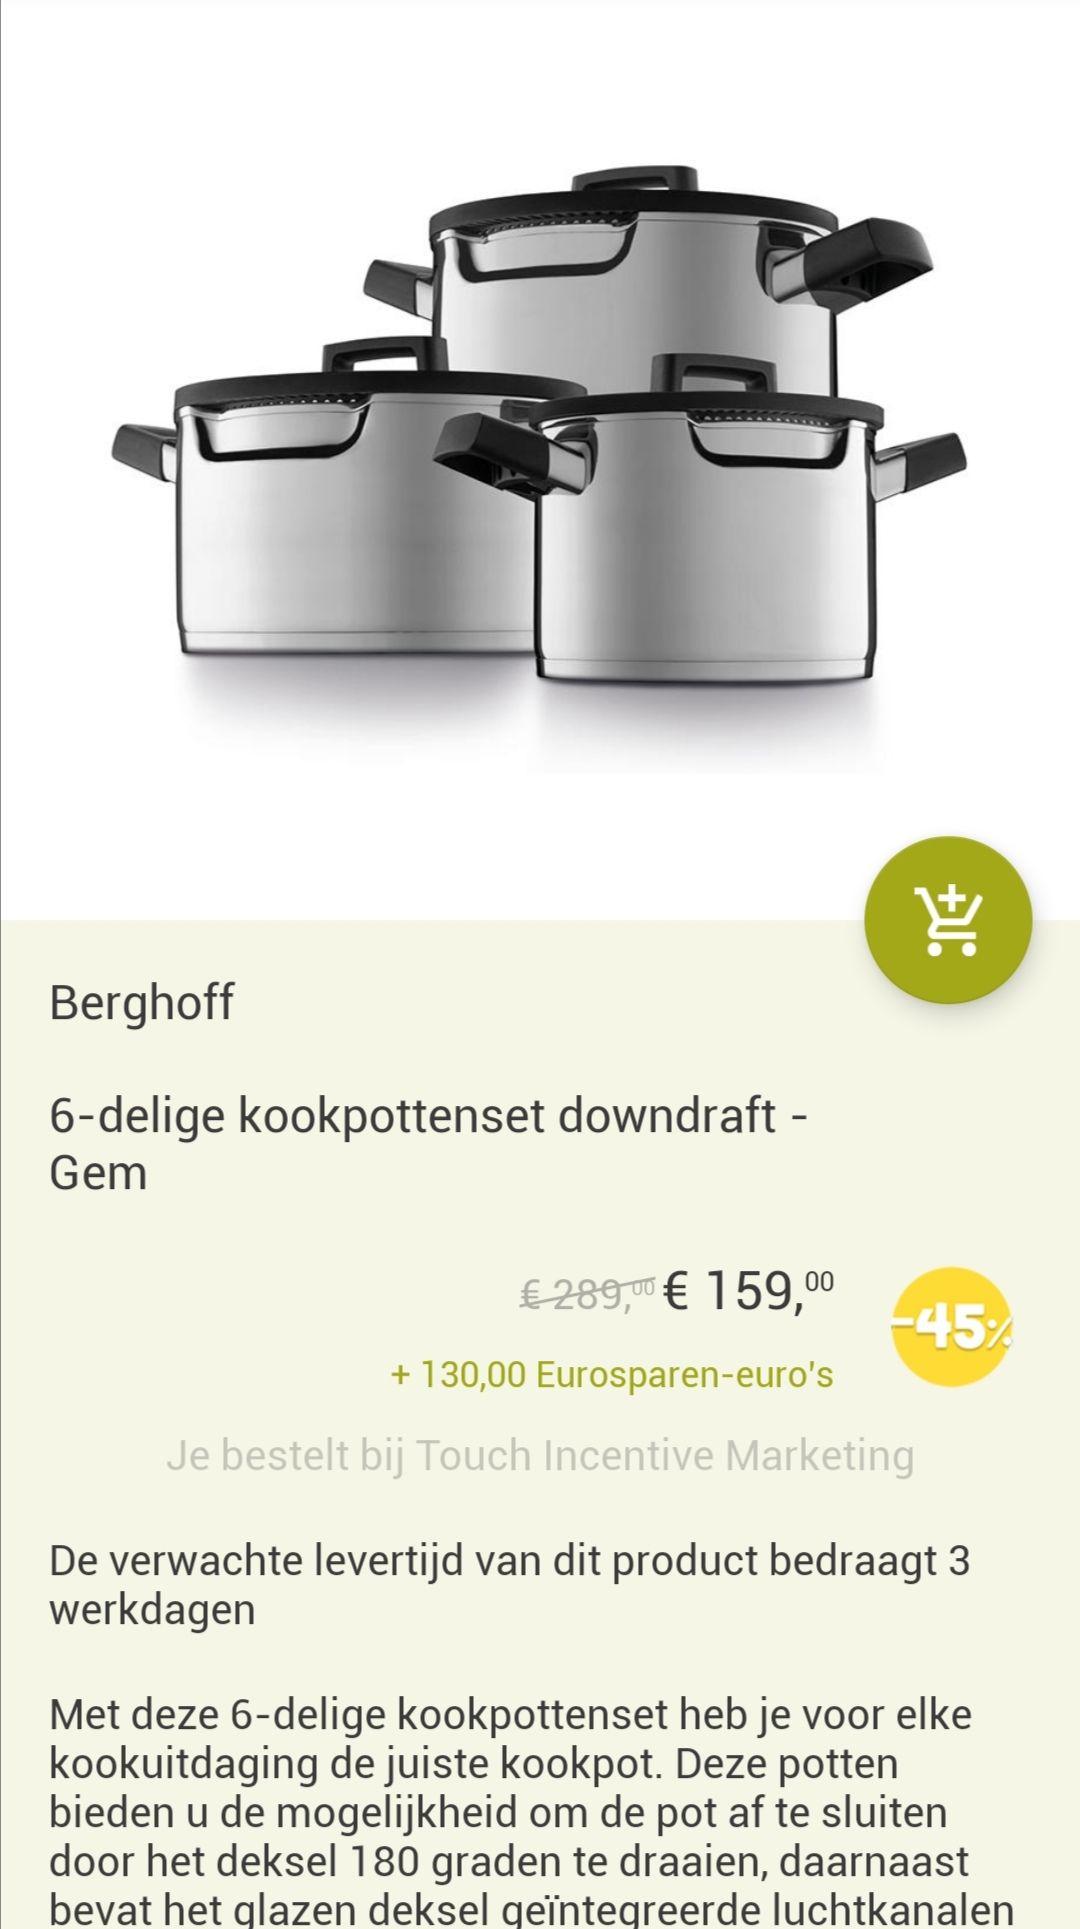 130,- korting op Berghoff Gem 6 delige kookpotten set t.w.v. 289,-